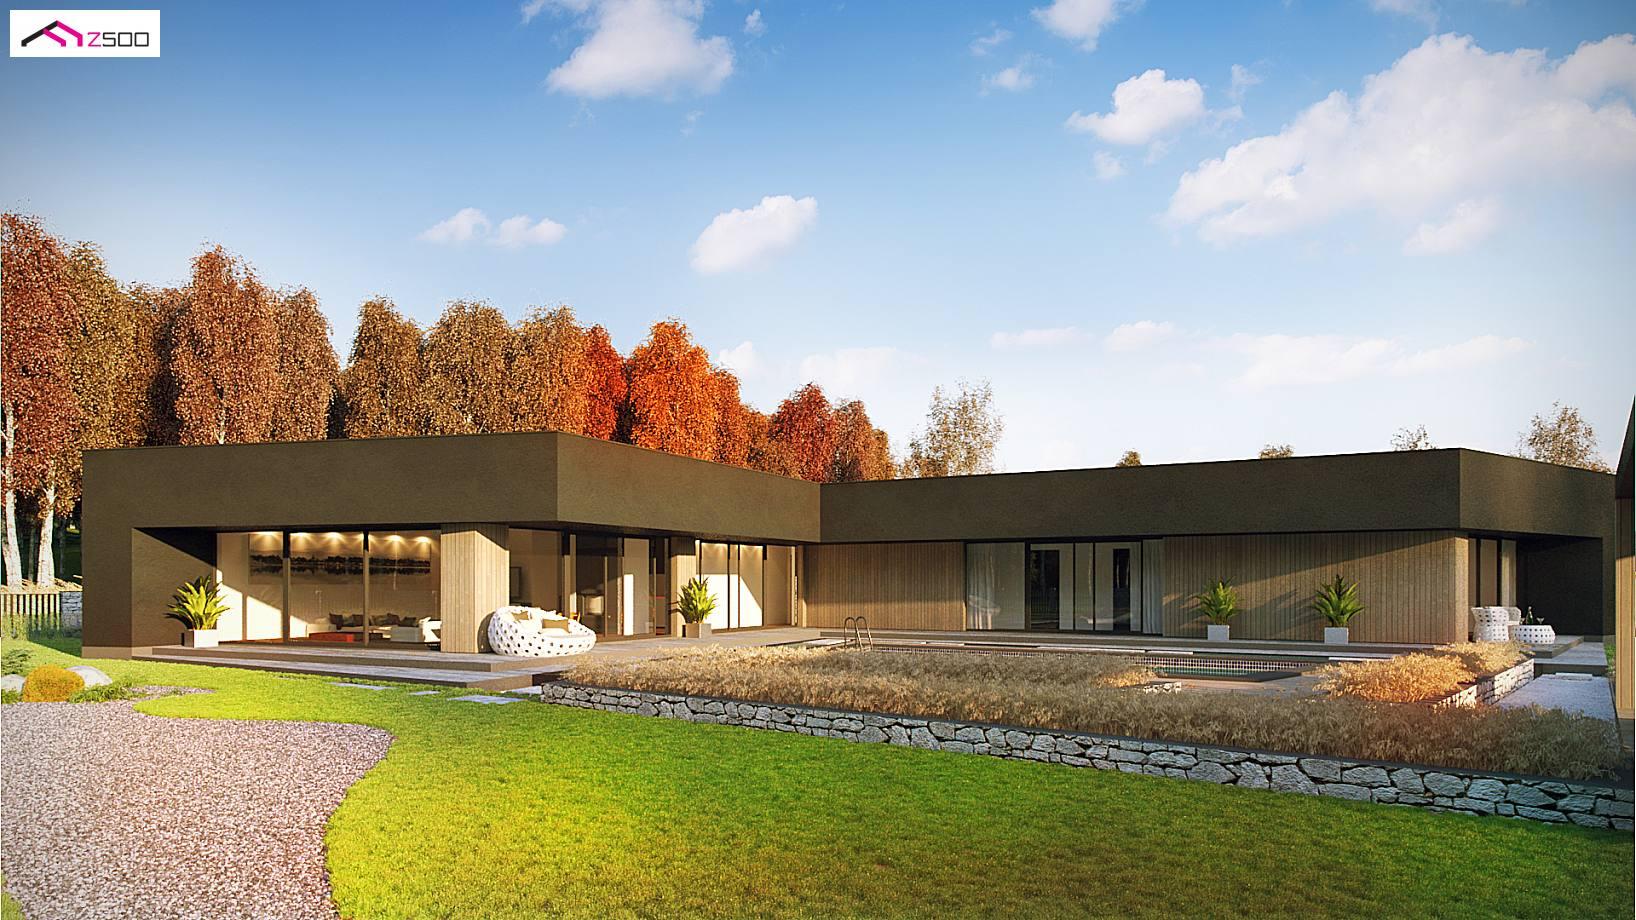 Projekt domu zx142 parterowy dom jednorodzinny z gara em for Casas minimalistas planta baja